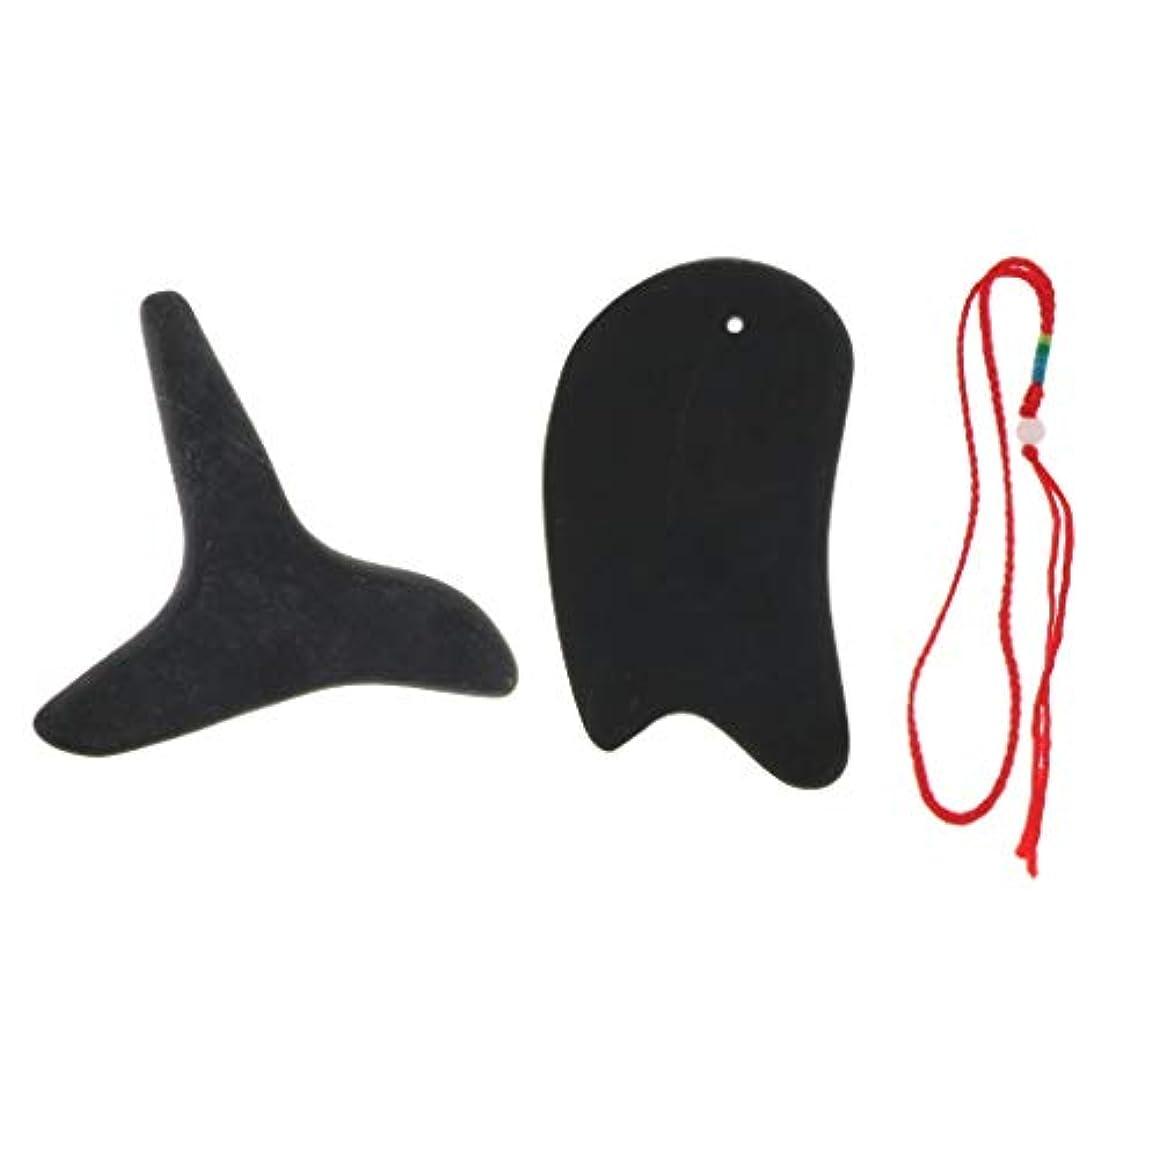 スイッチ瞑想悲鳴ポータブル 軽量 かっさプレート 美顔 ボディ マッサージ 使いやすい 2個 快適 疲労緩解